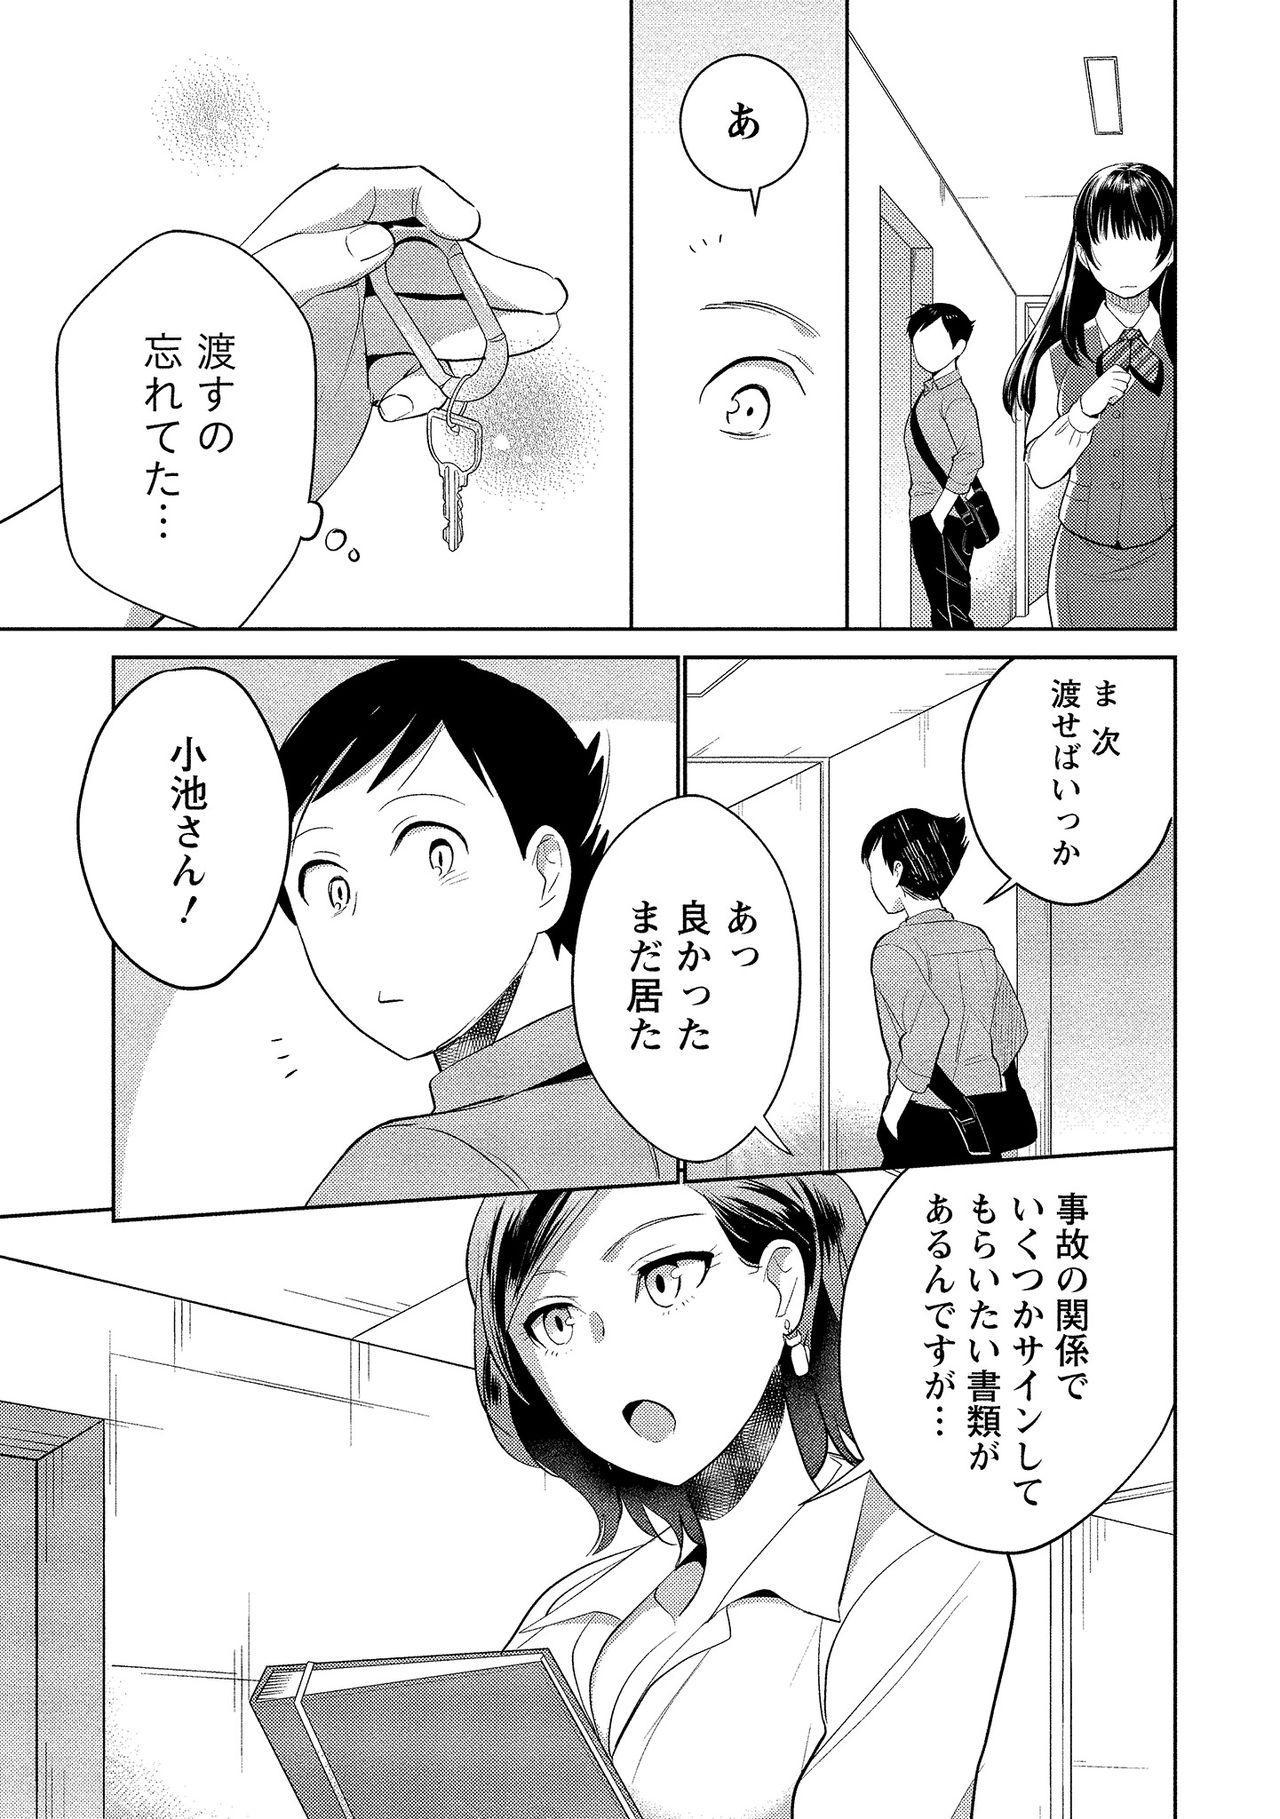 Dorobou Neko wa Kanojo no Hajimari 49